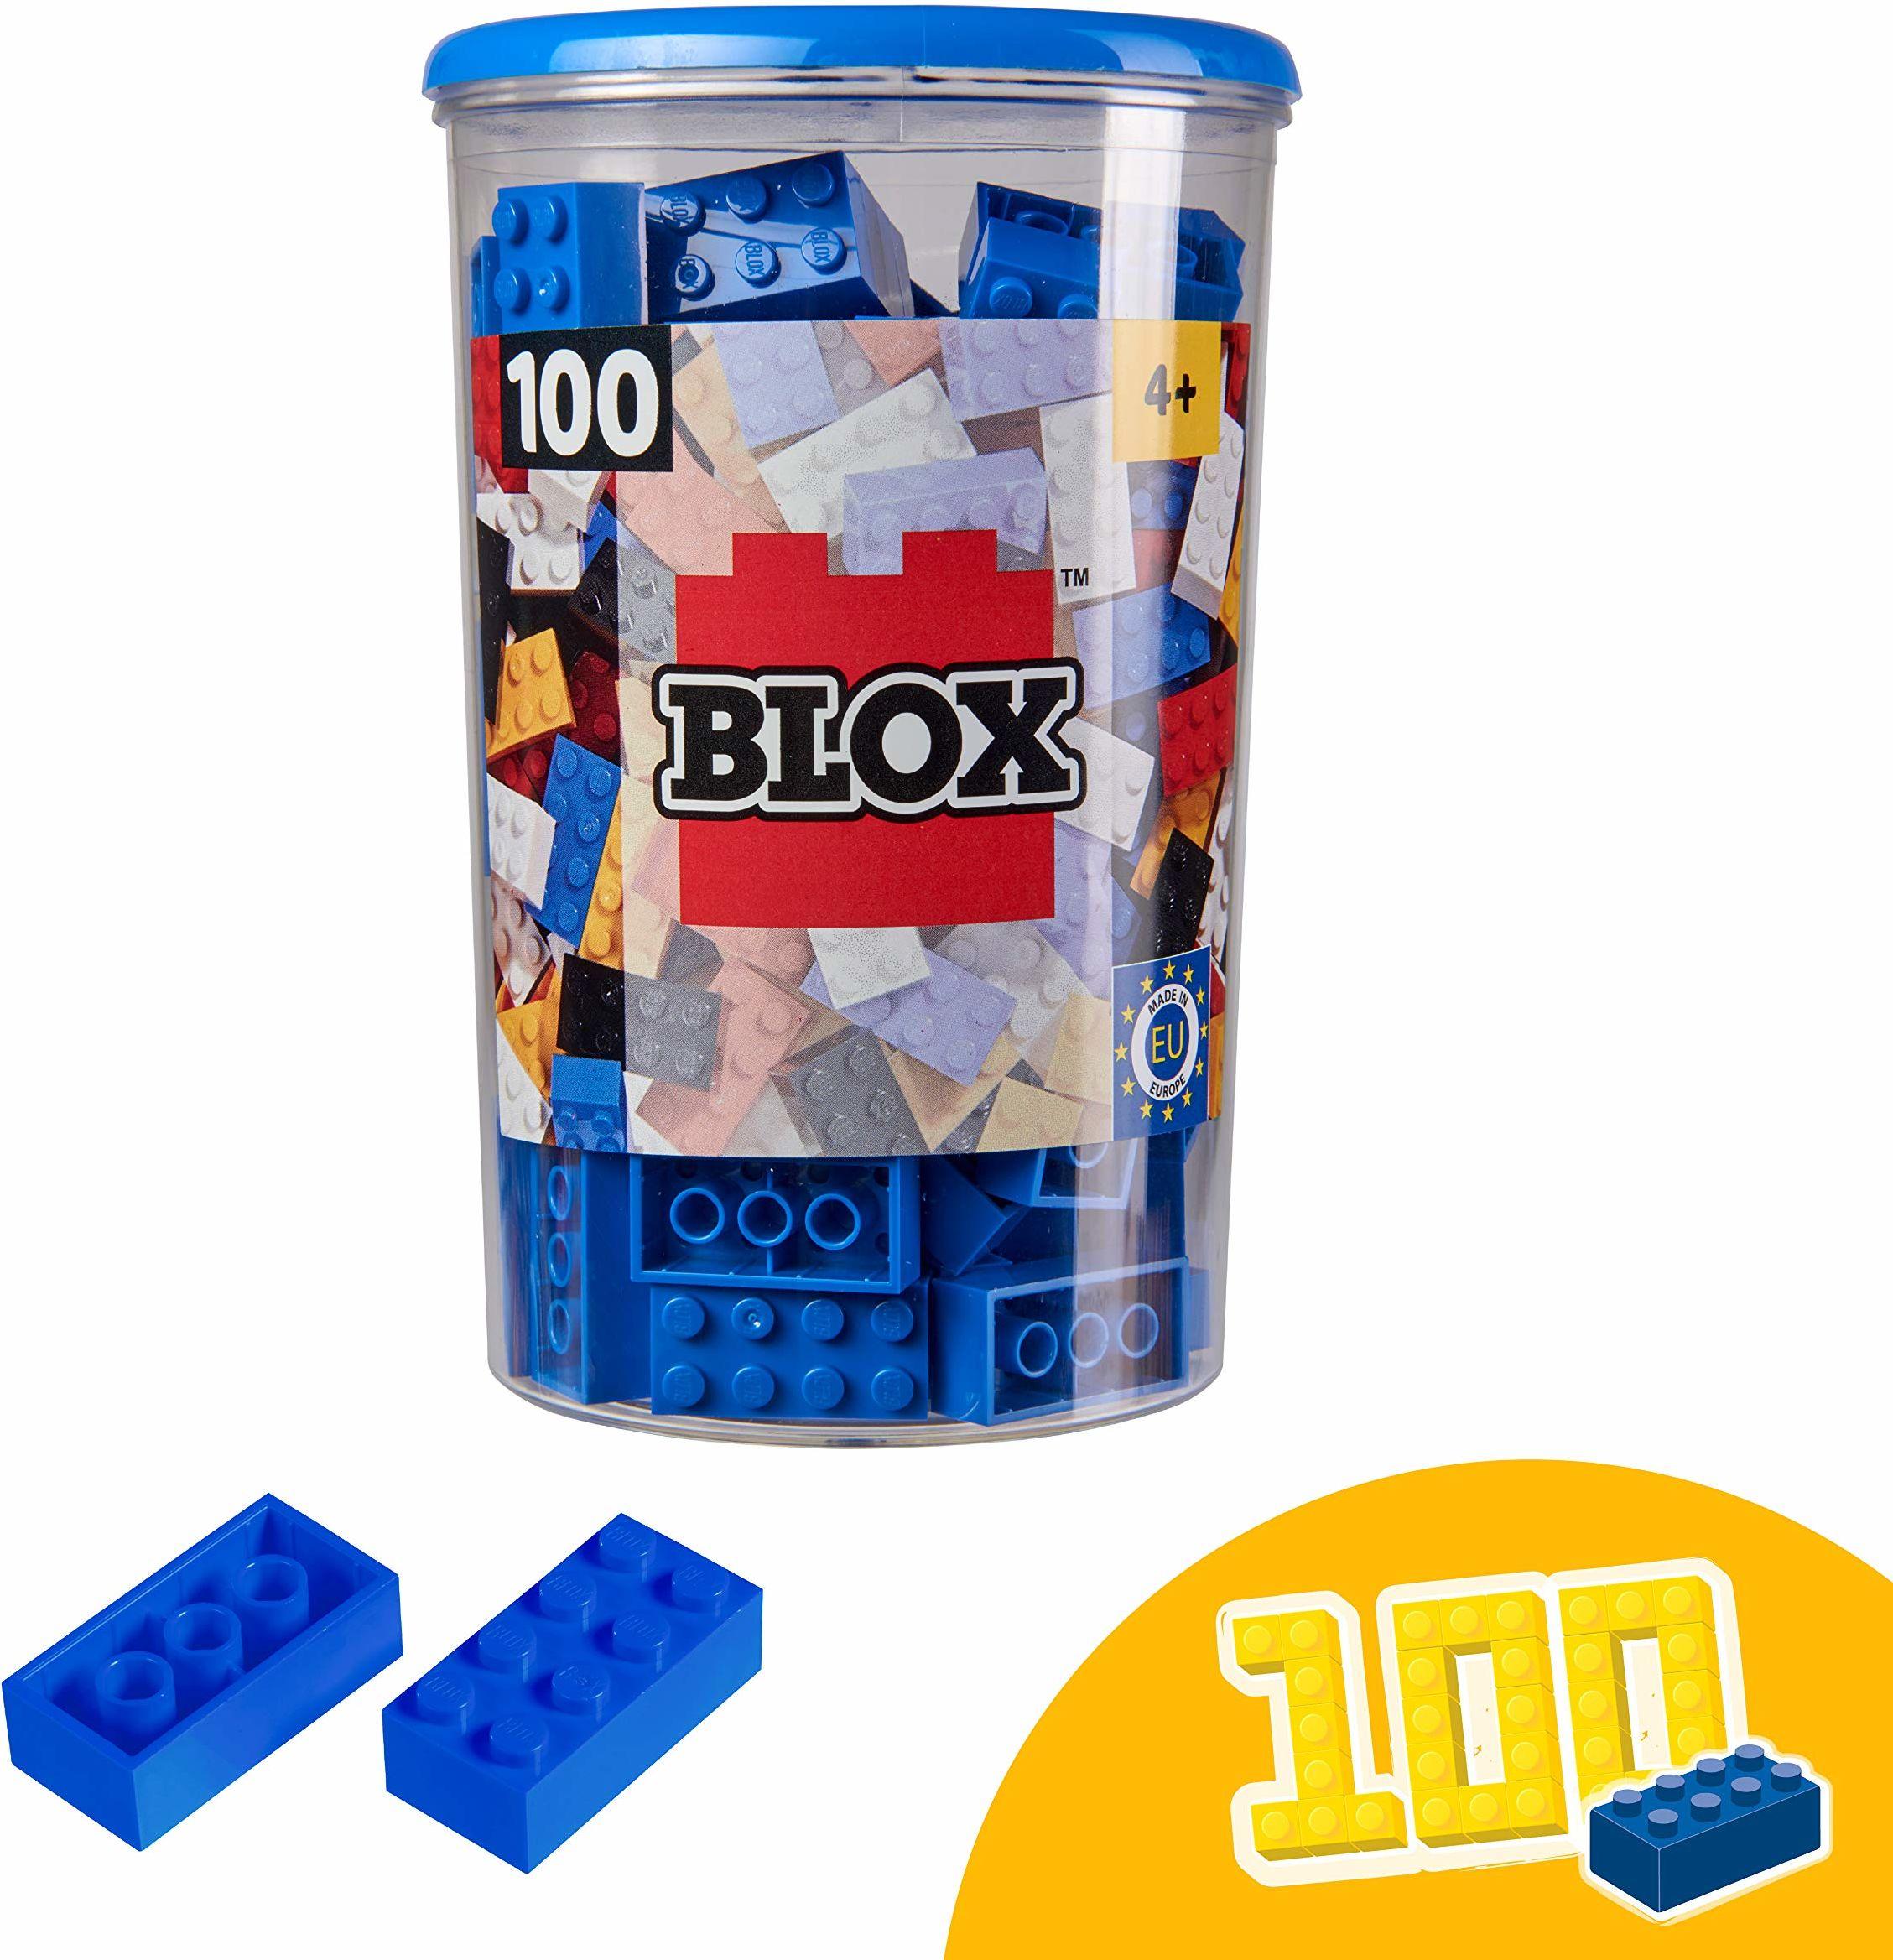 Simba 104118906, Blox, 100 niebieskich klocków dla dzieci od 3 lat, 8 kamieni, w zestawie puszka, wysoka jakość, w pełni kompatybilne z produktami innych producentów